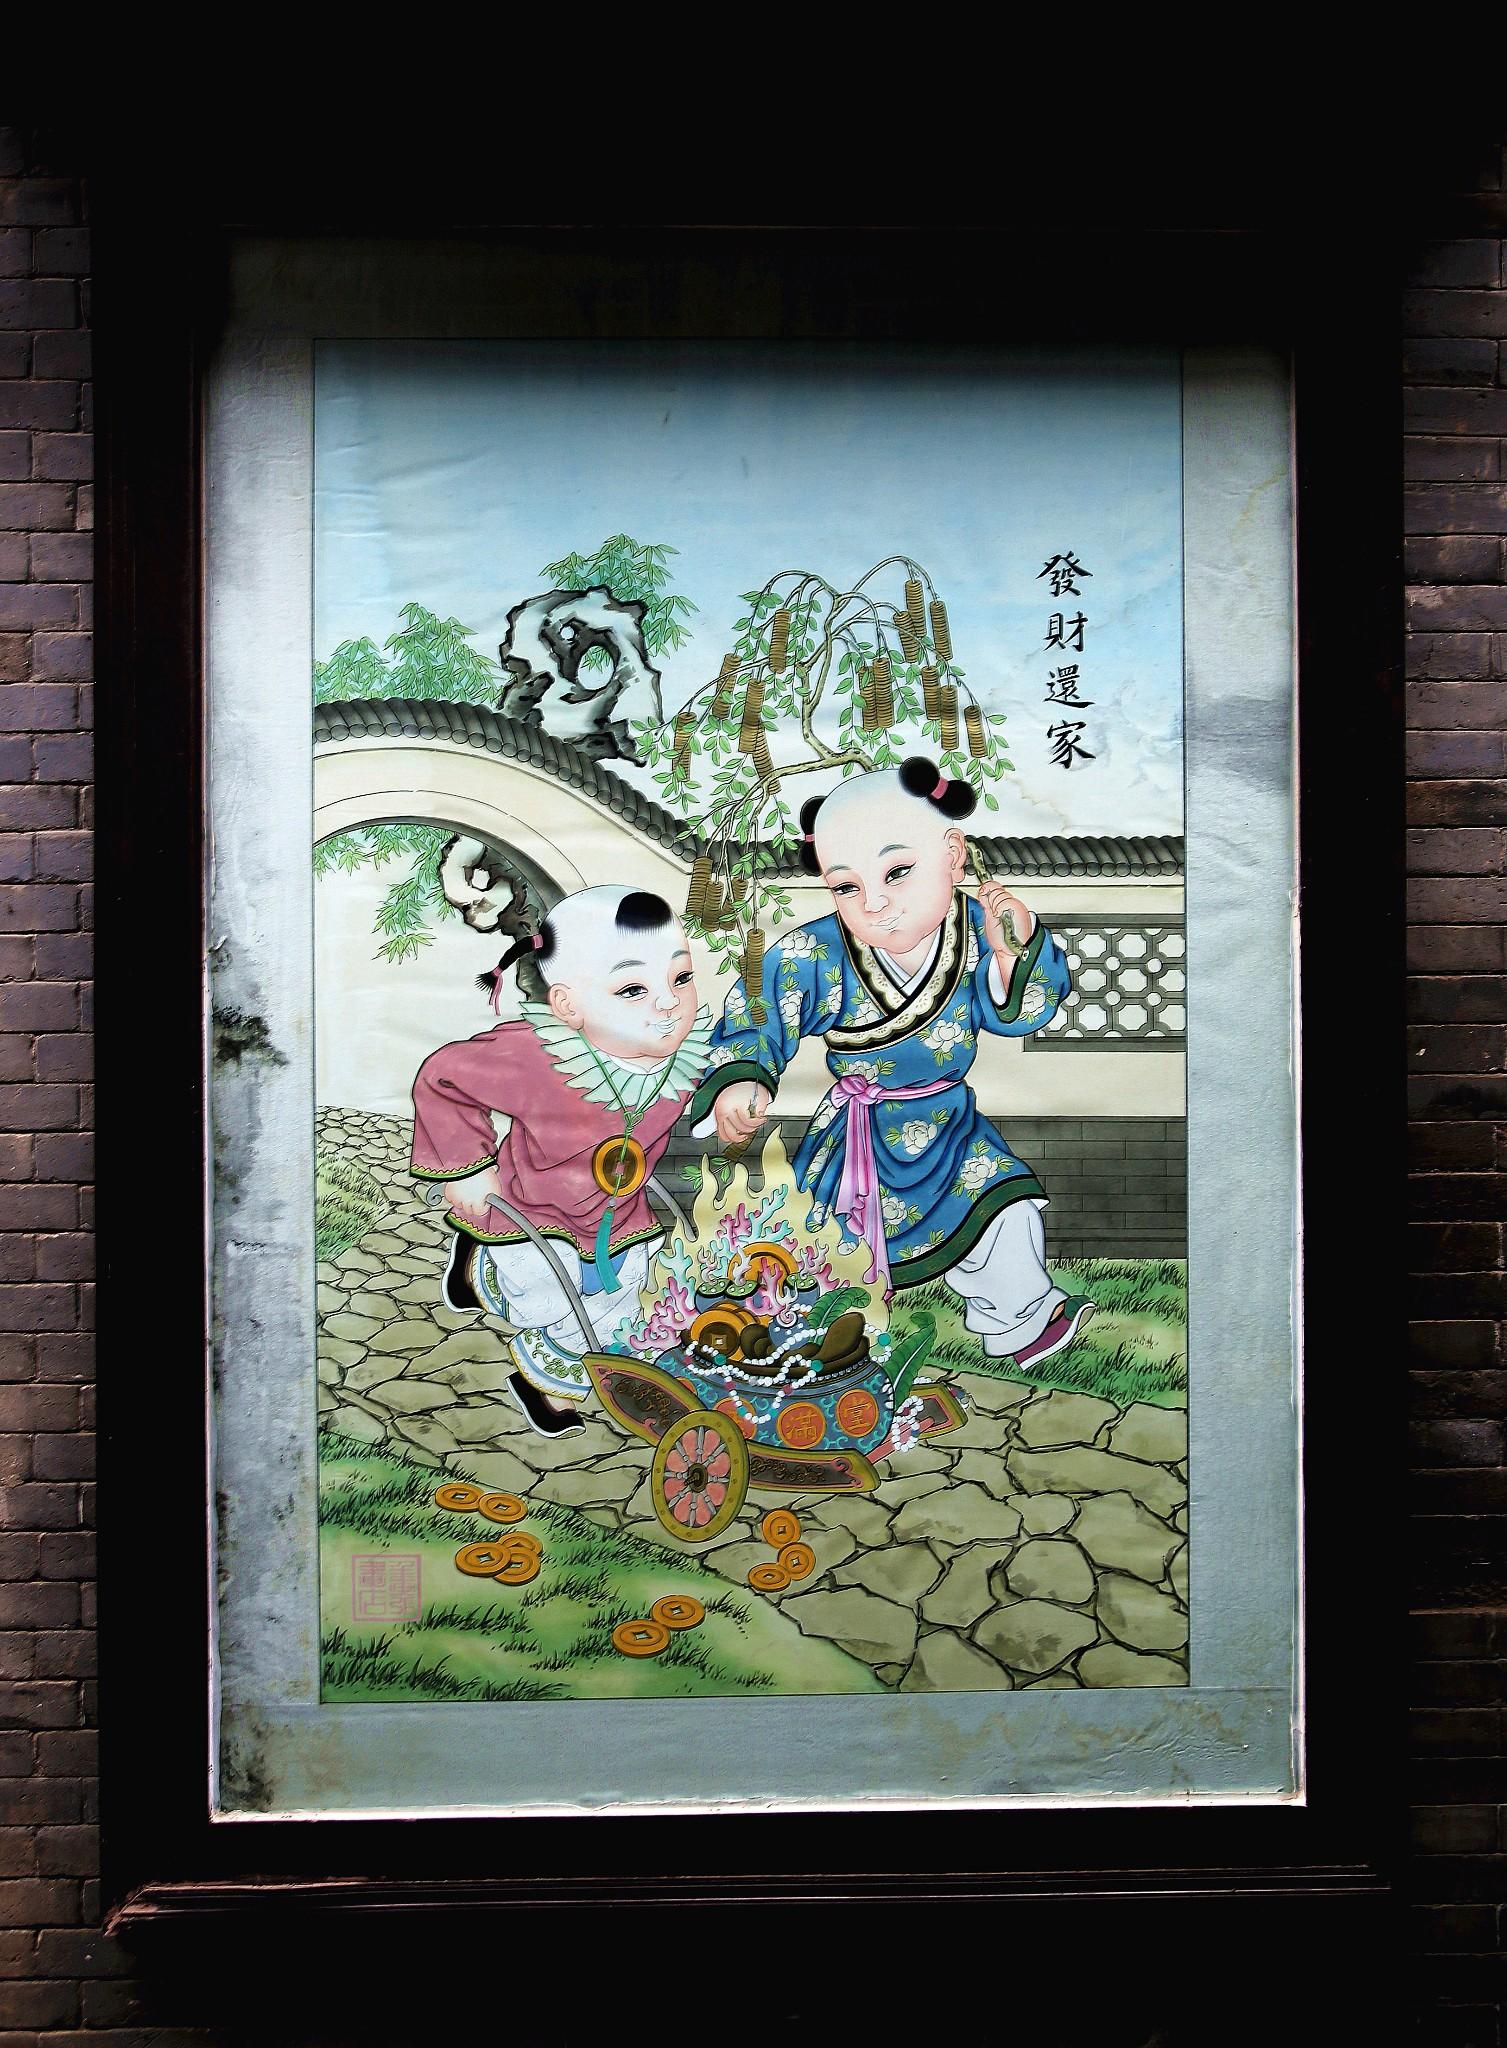 杨柳青:年画标志出来的古镇